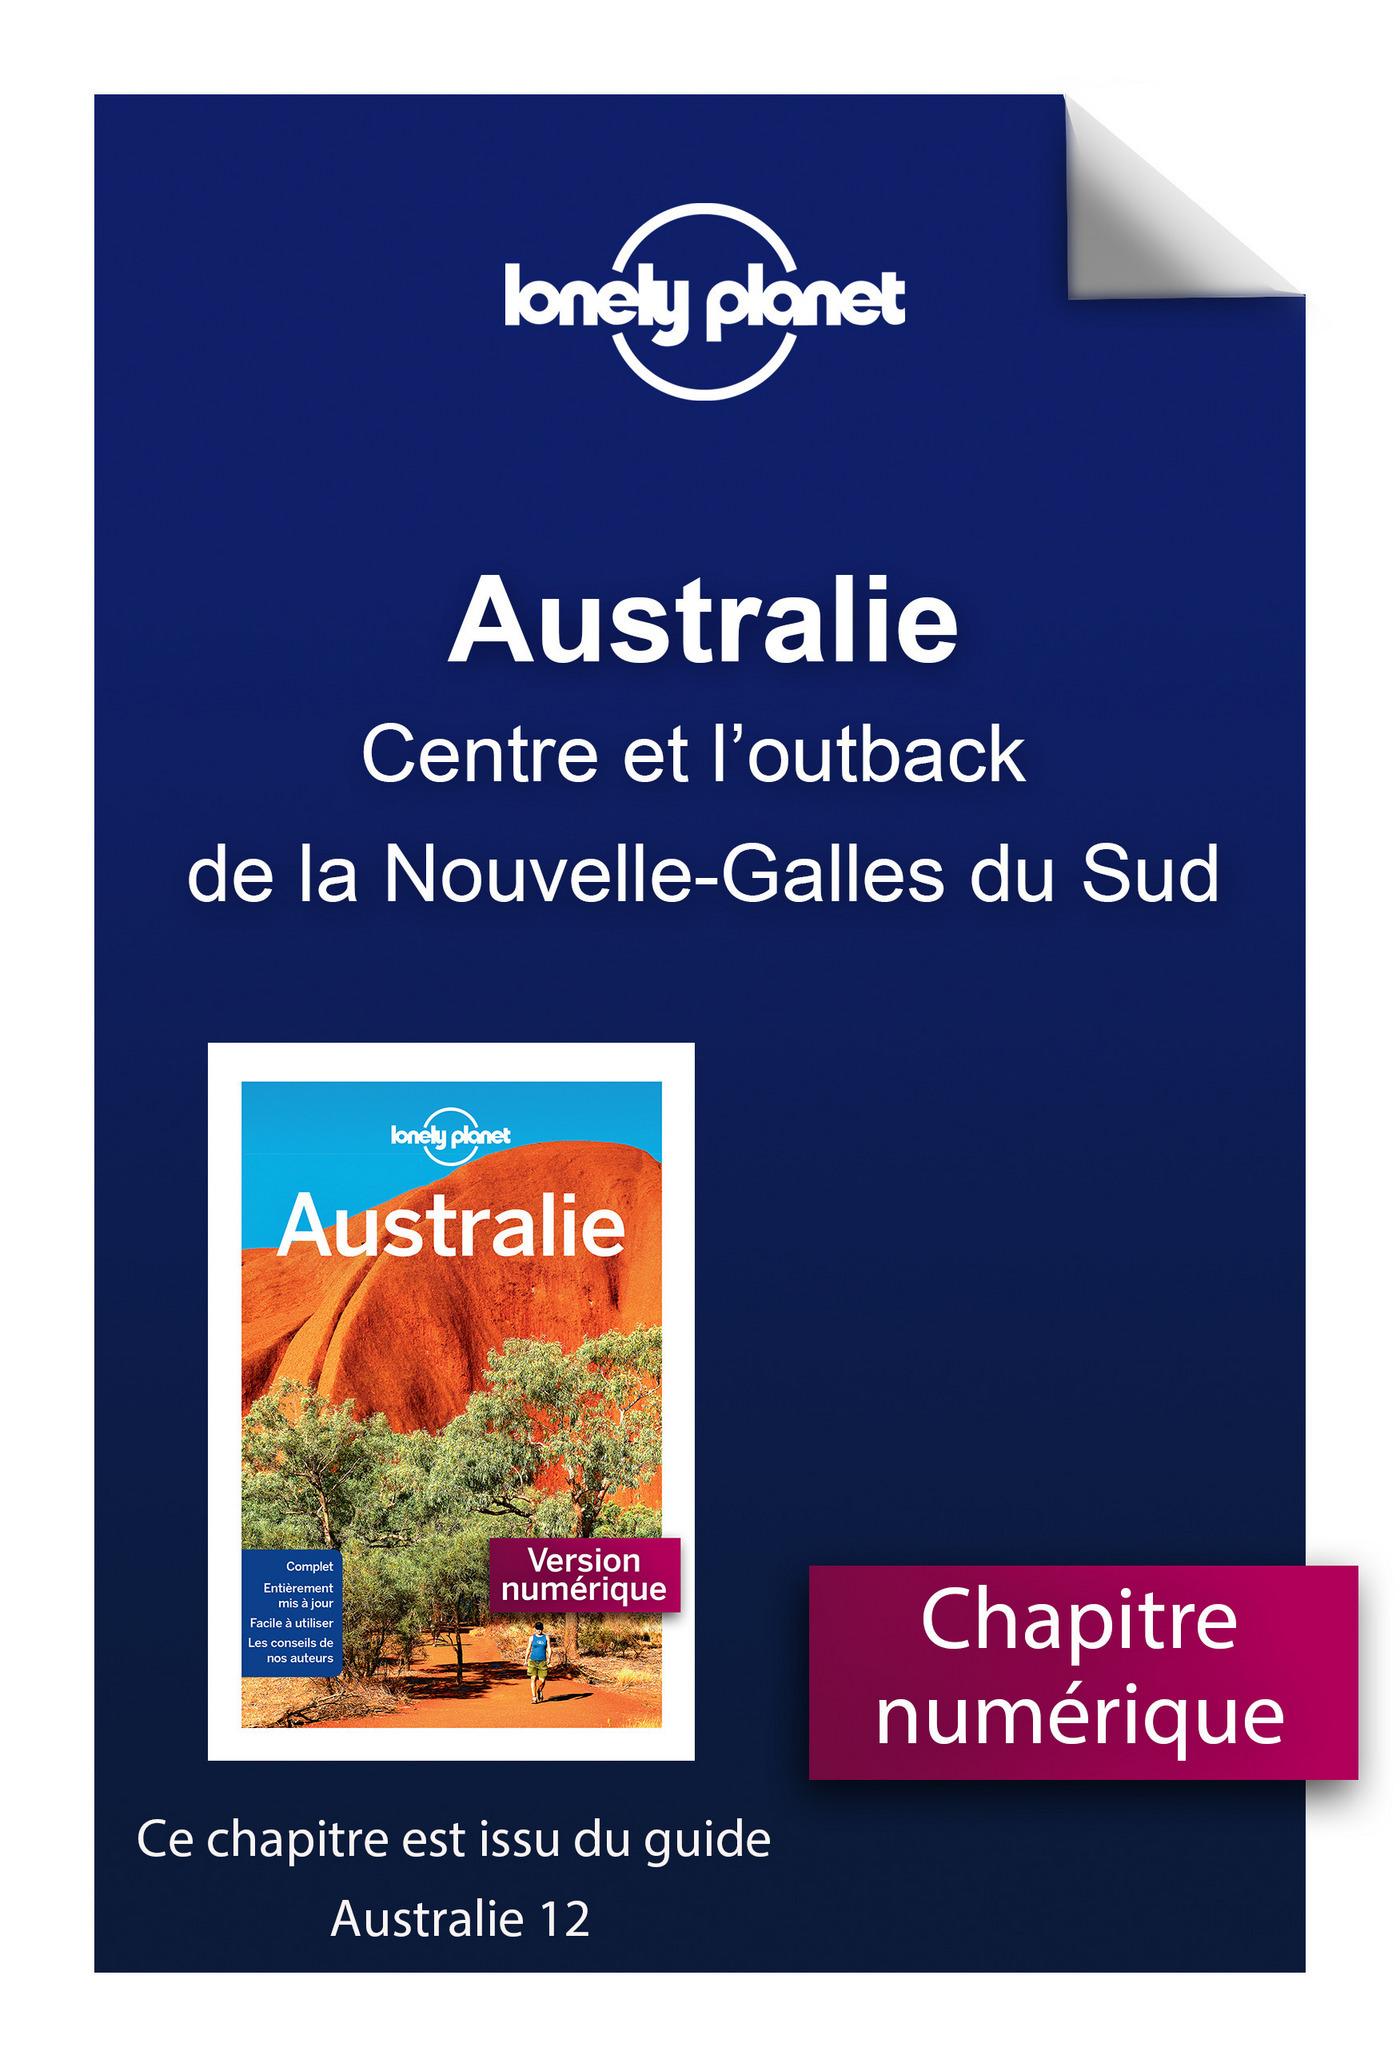 Australie - Centre et l'outback de la Nouvelle-Galles du Sud